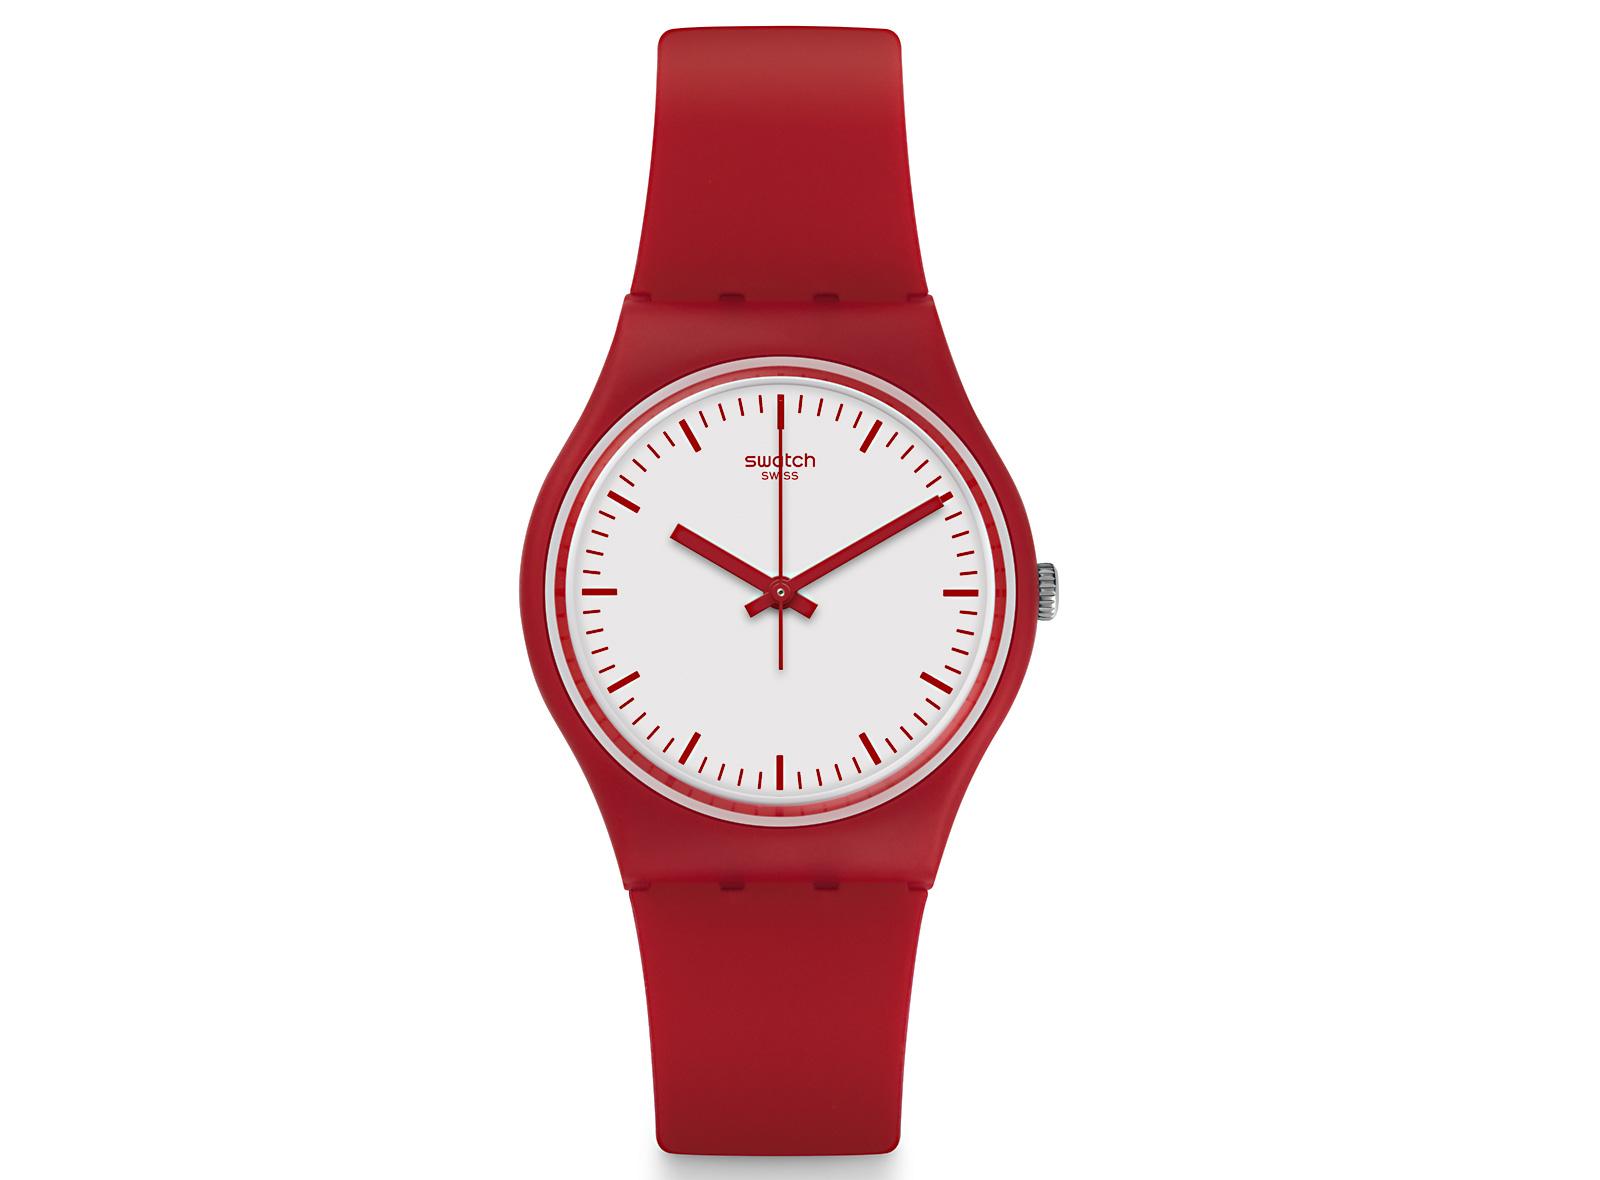 typische-schweizer-produkte-swatch-rot-blog